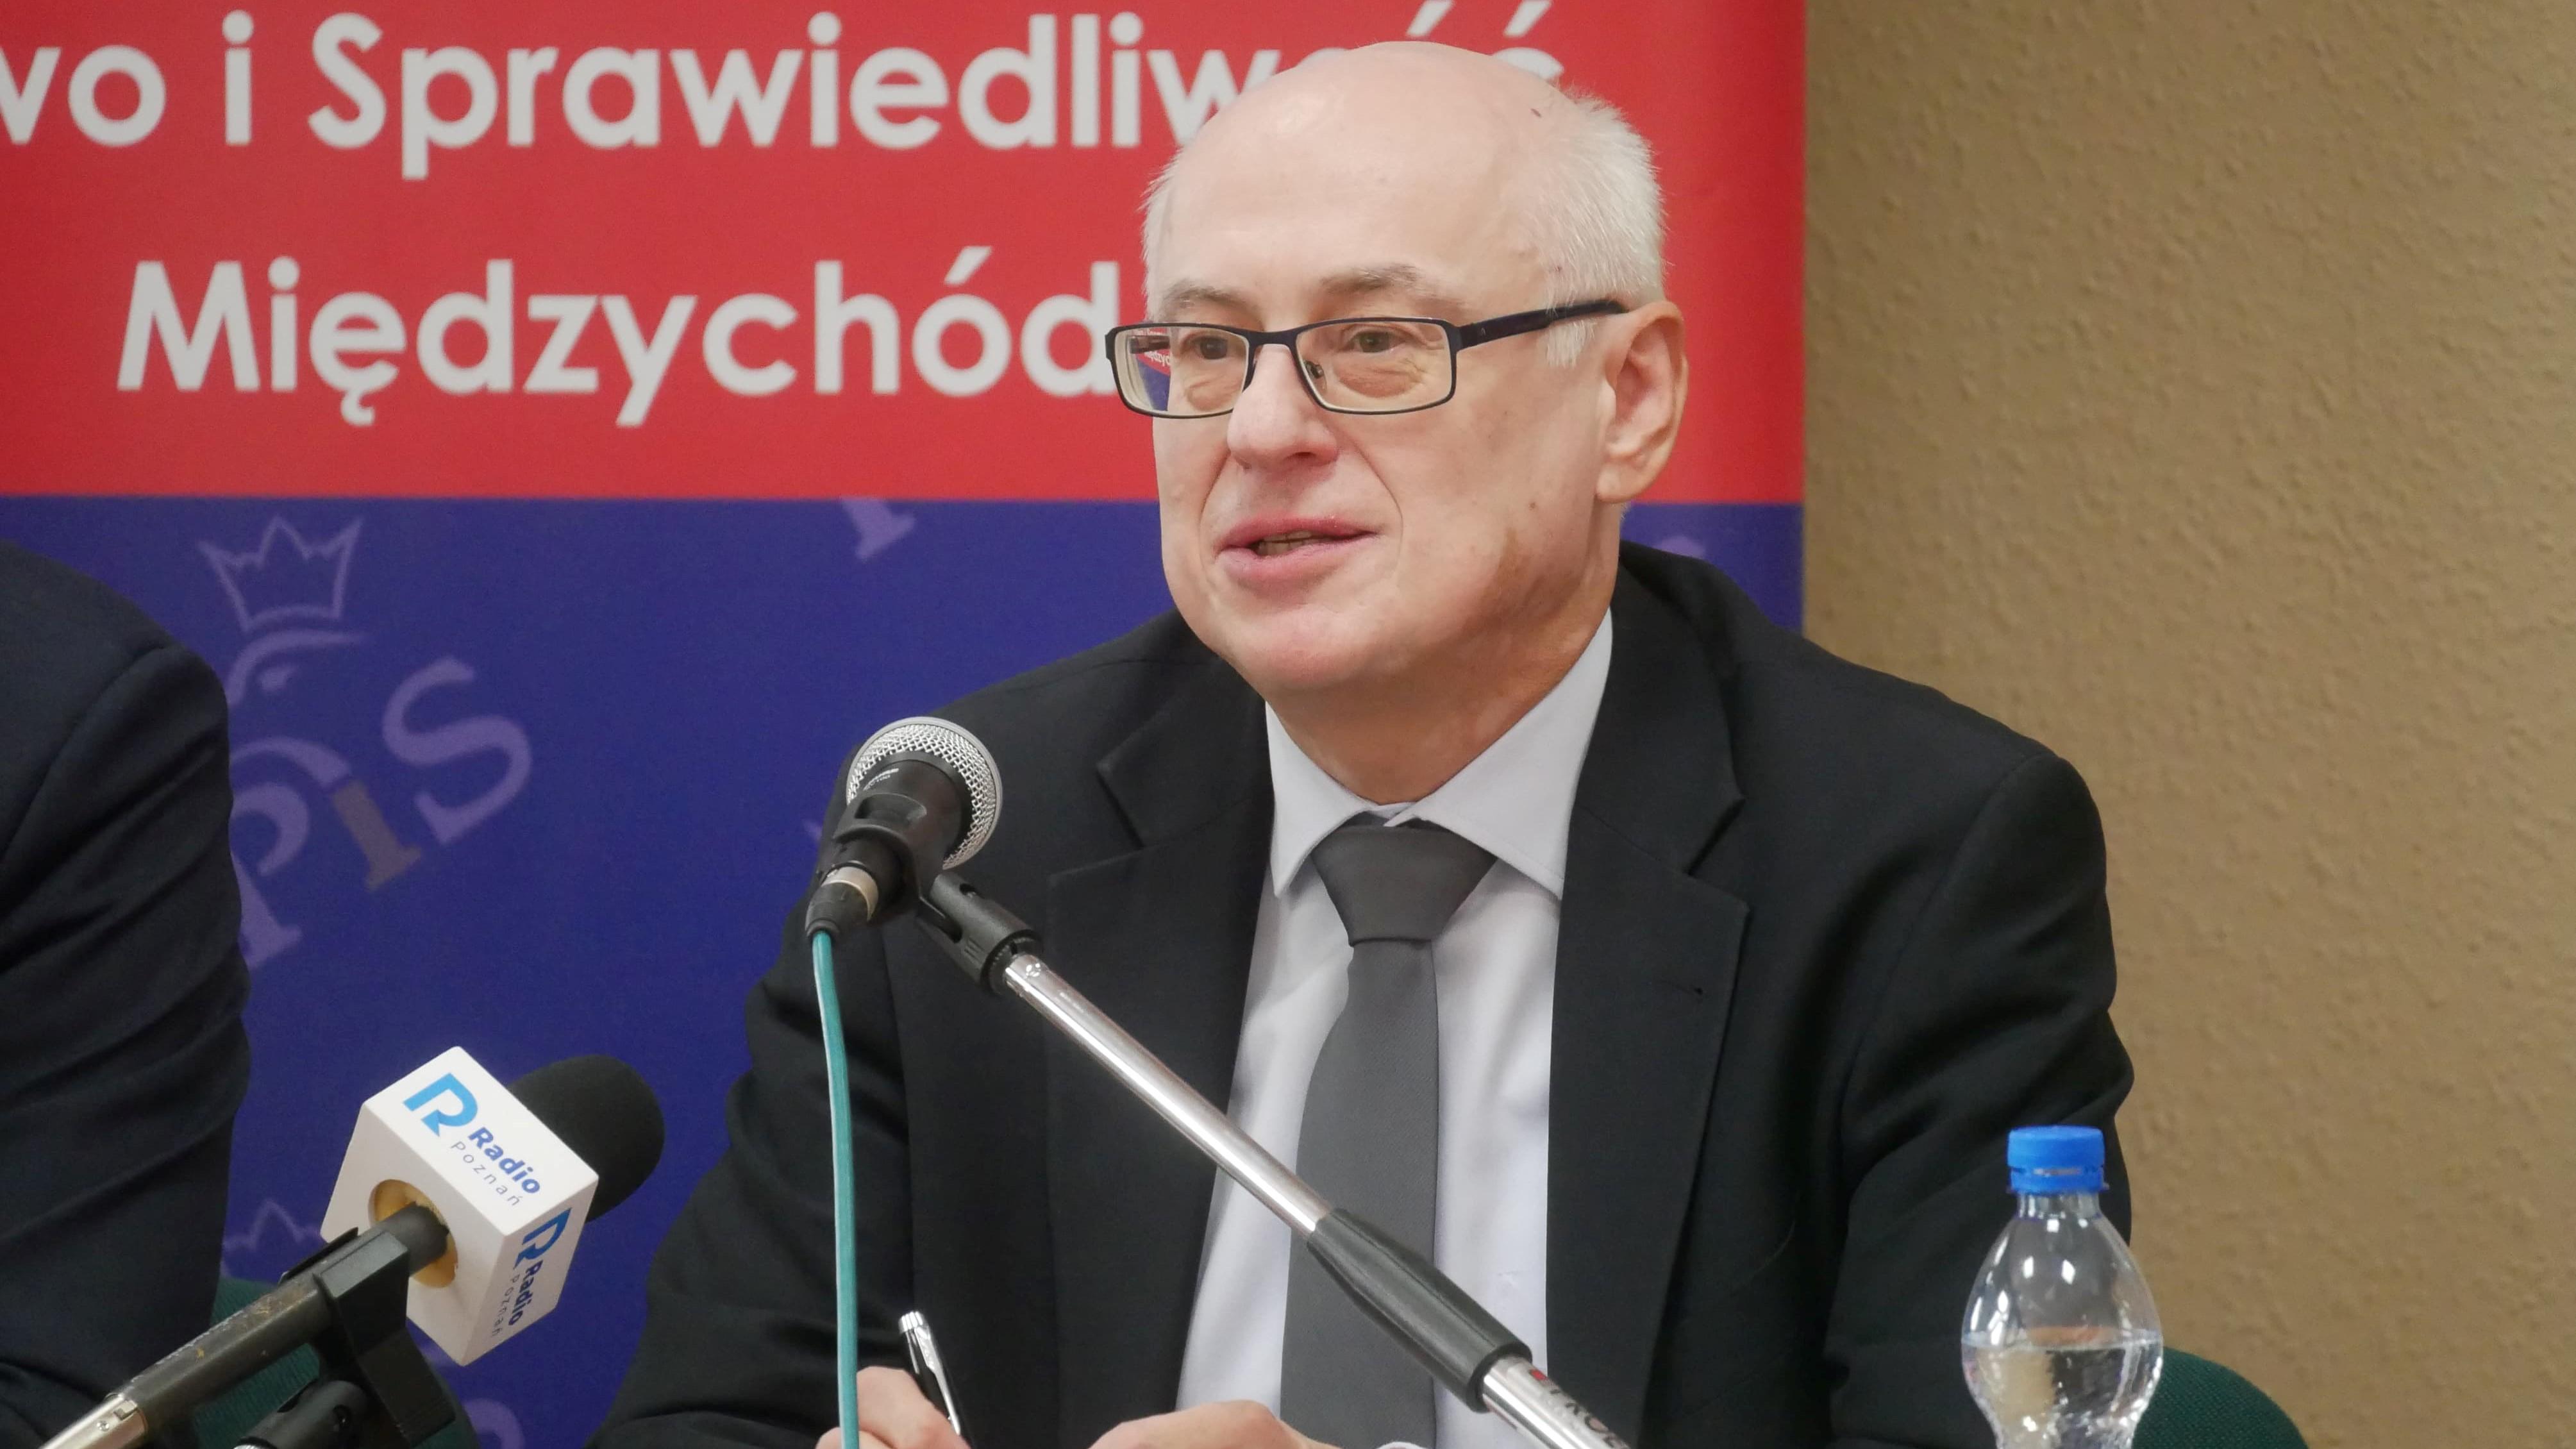 Zdzisław krasnodębski w międzychodzie - Kacper Witt